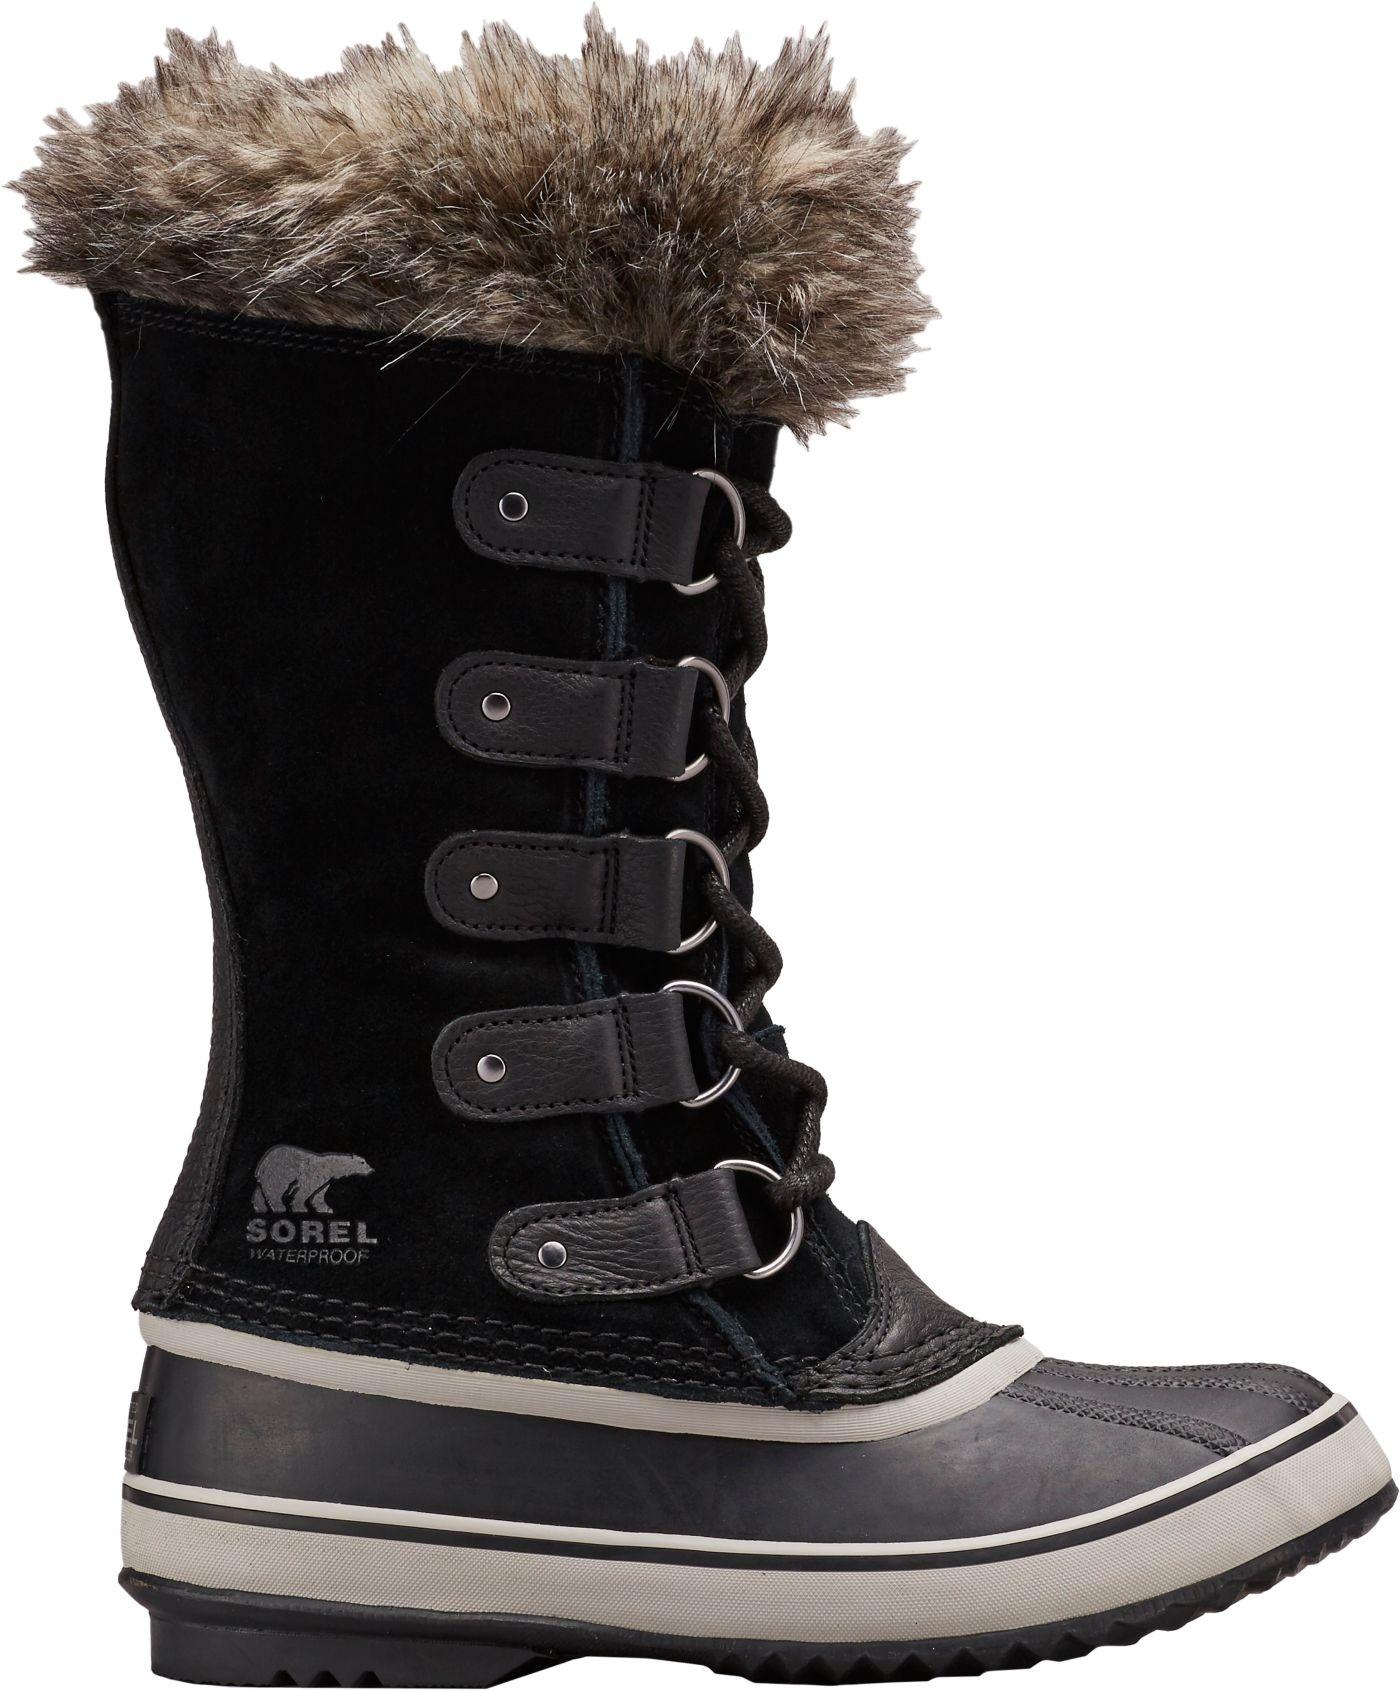 SOREL Women's Joan of Arctic Insulated Waterproof Winter Boots